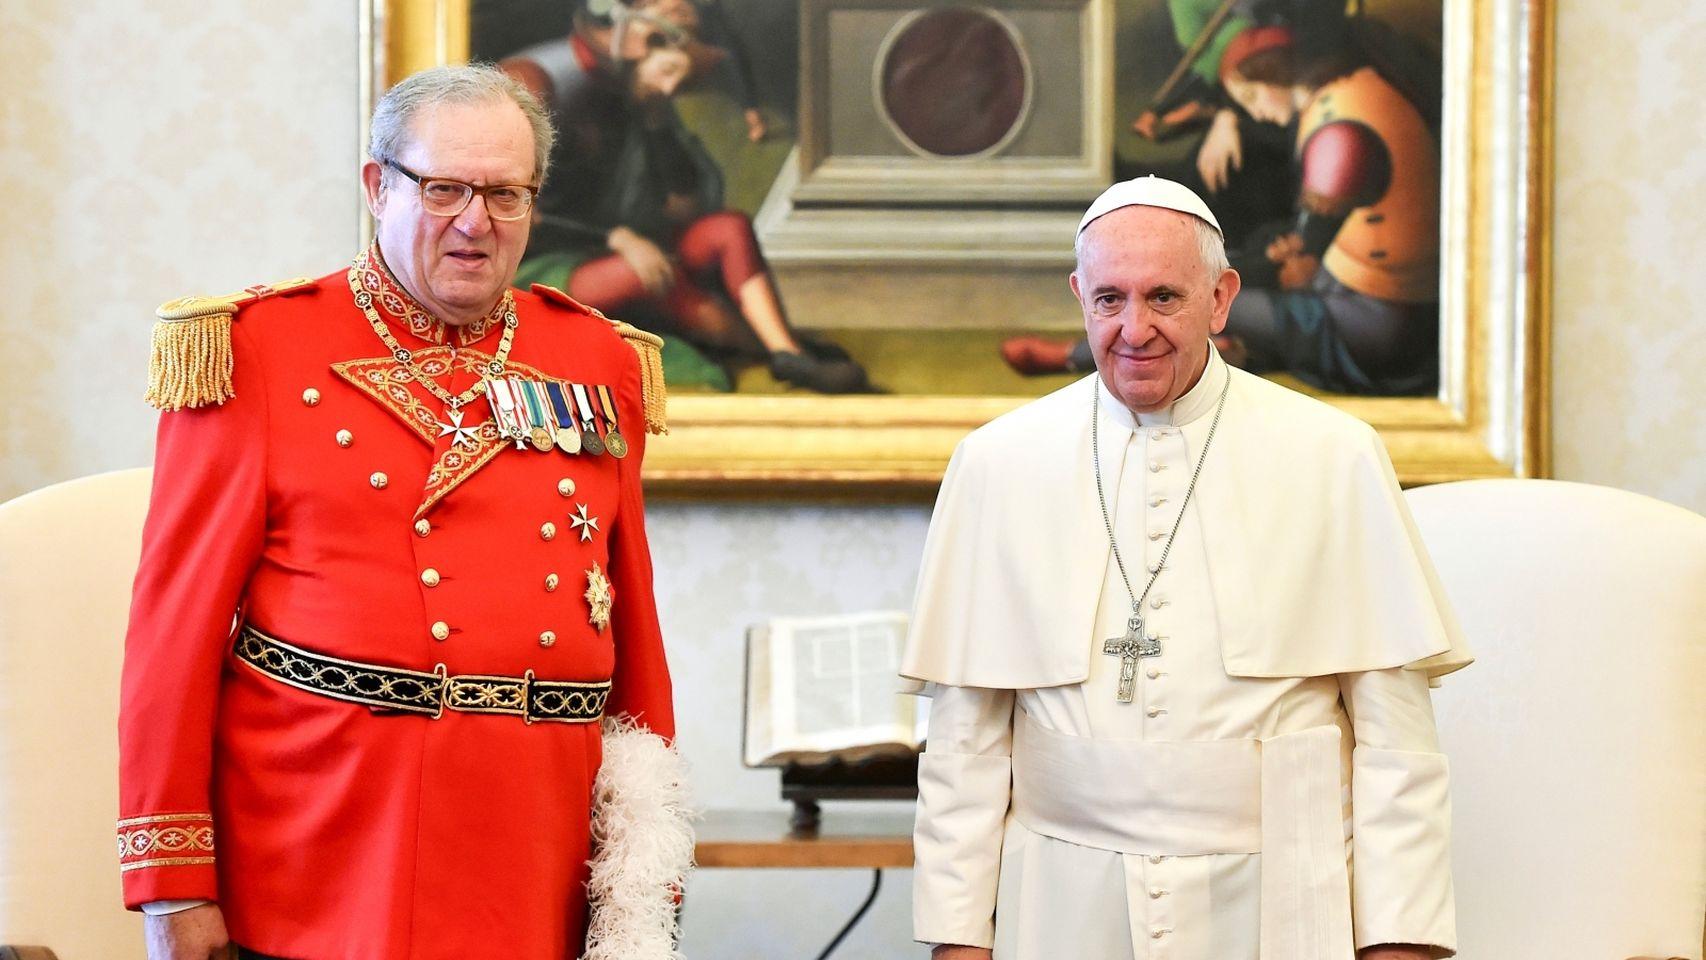 El hasta ahora gran maestro de la Orden de Malta junto al papa Francisco.